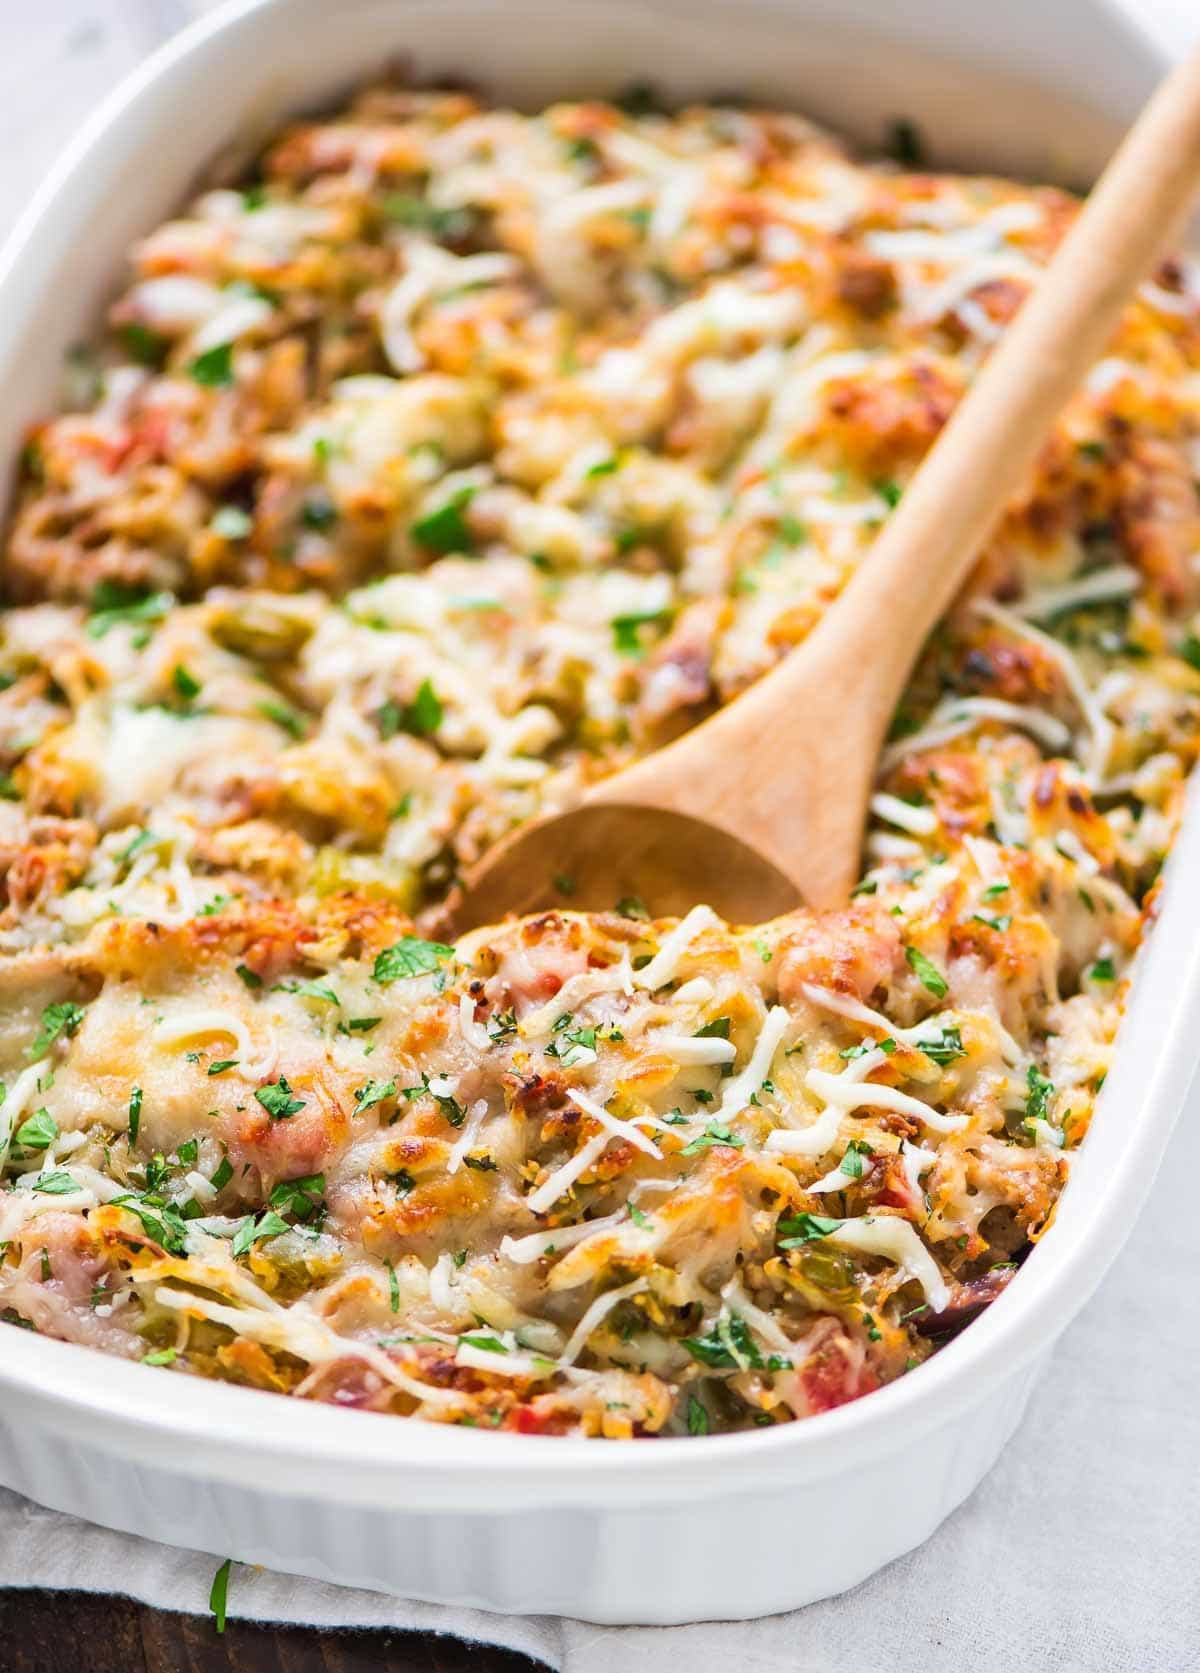 Healthy Easy Casseroles  Spaghetti Squash Casserole